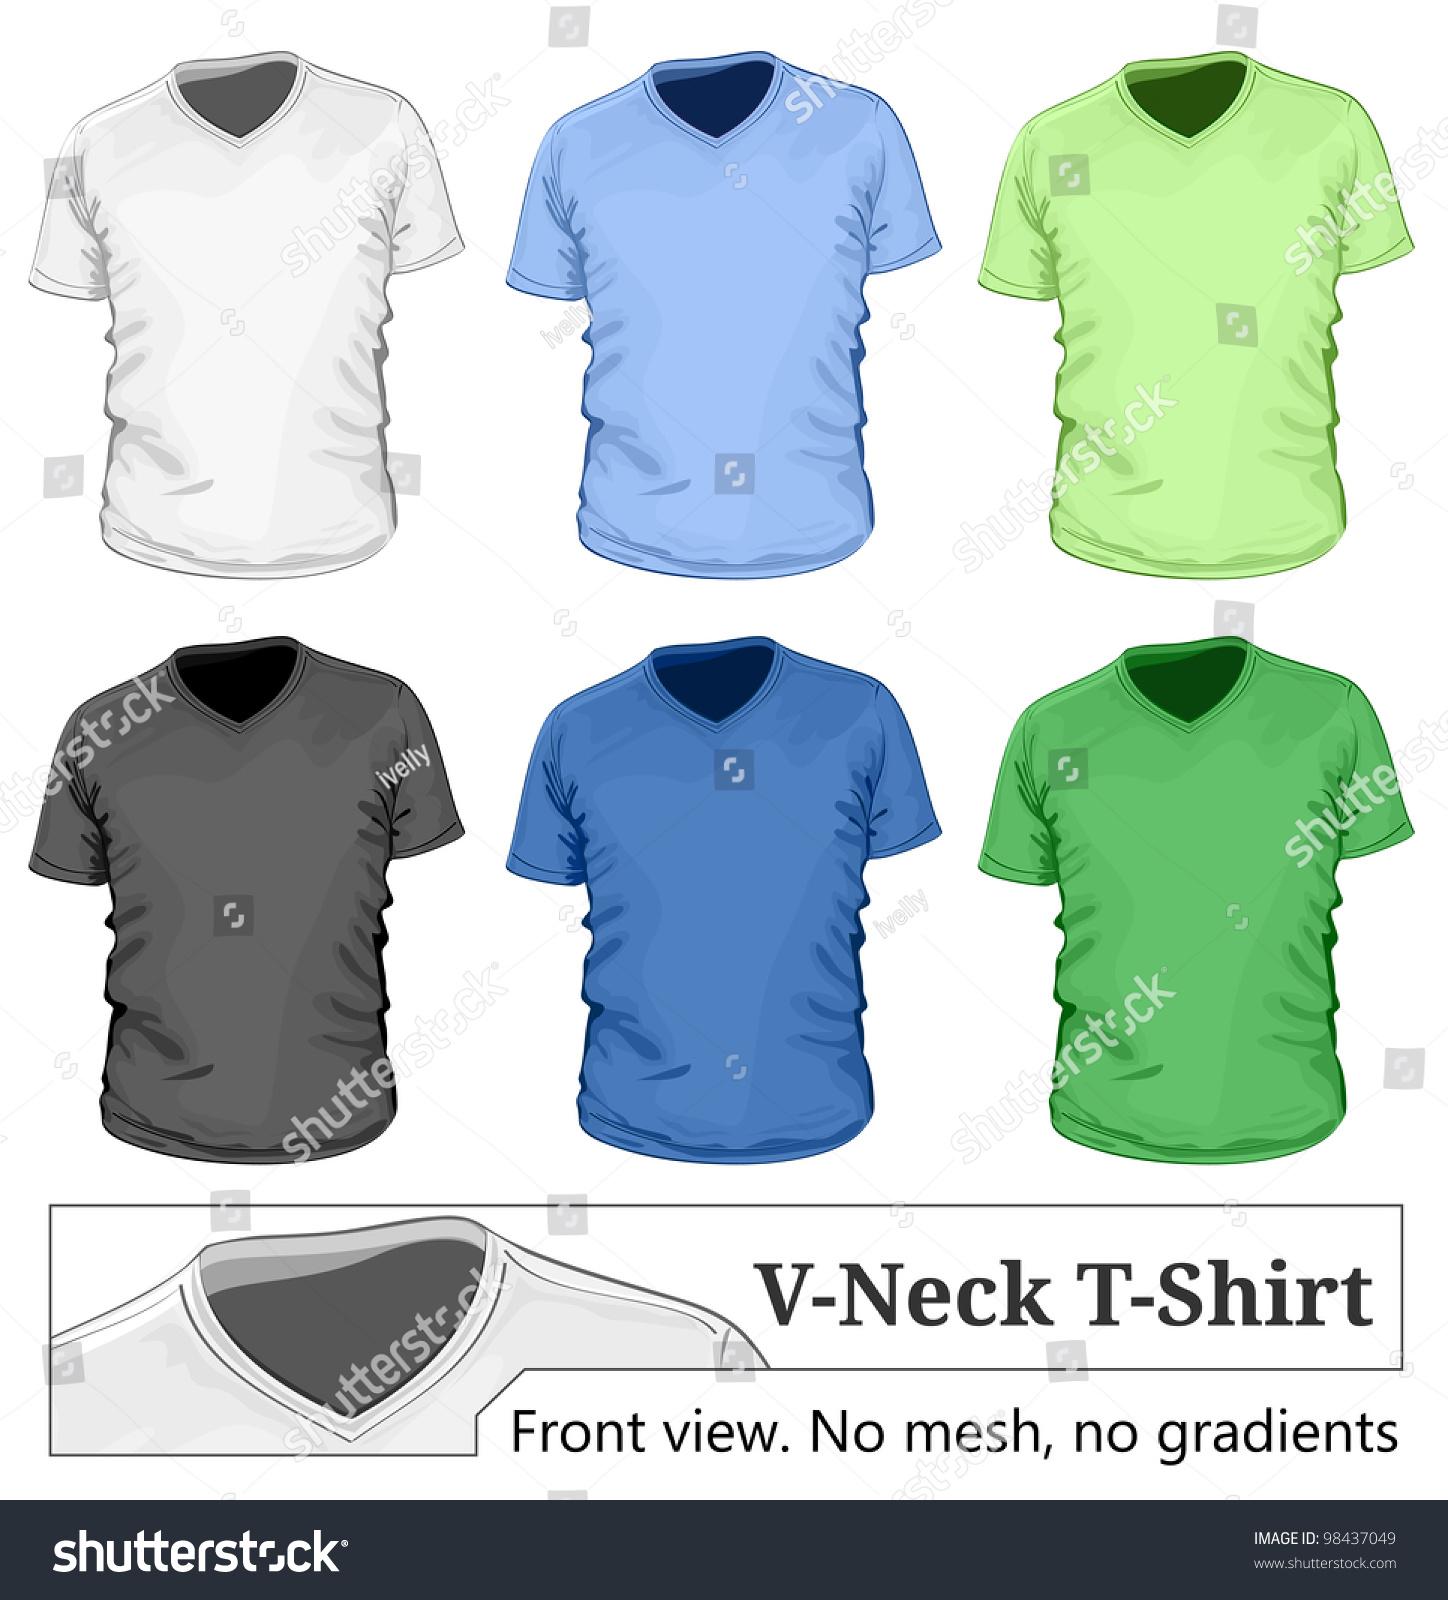 vector men 39 s v neck t shirt design template front view 98437049 shutterstock. Black Bedroom Furniture Sets. Home Design Ideas